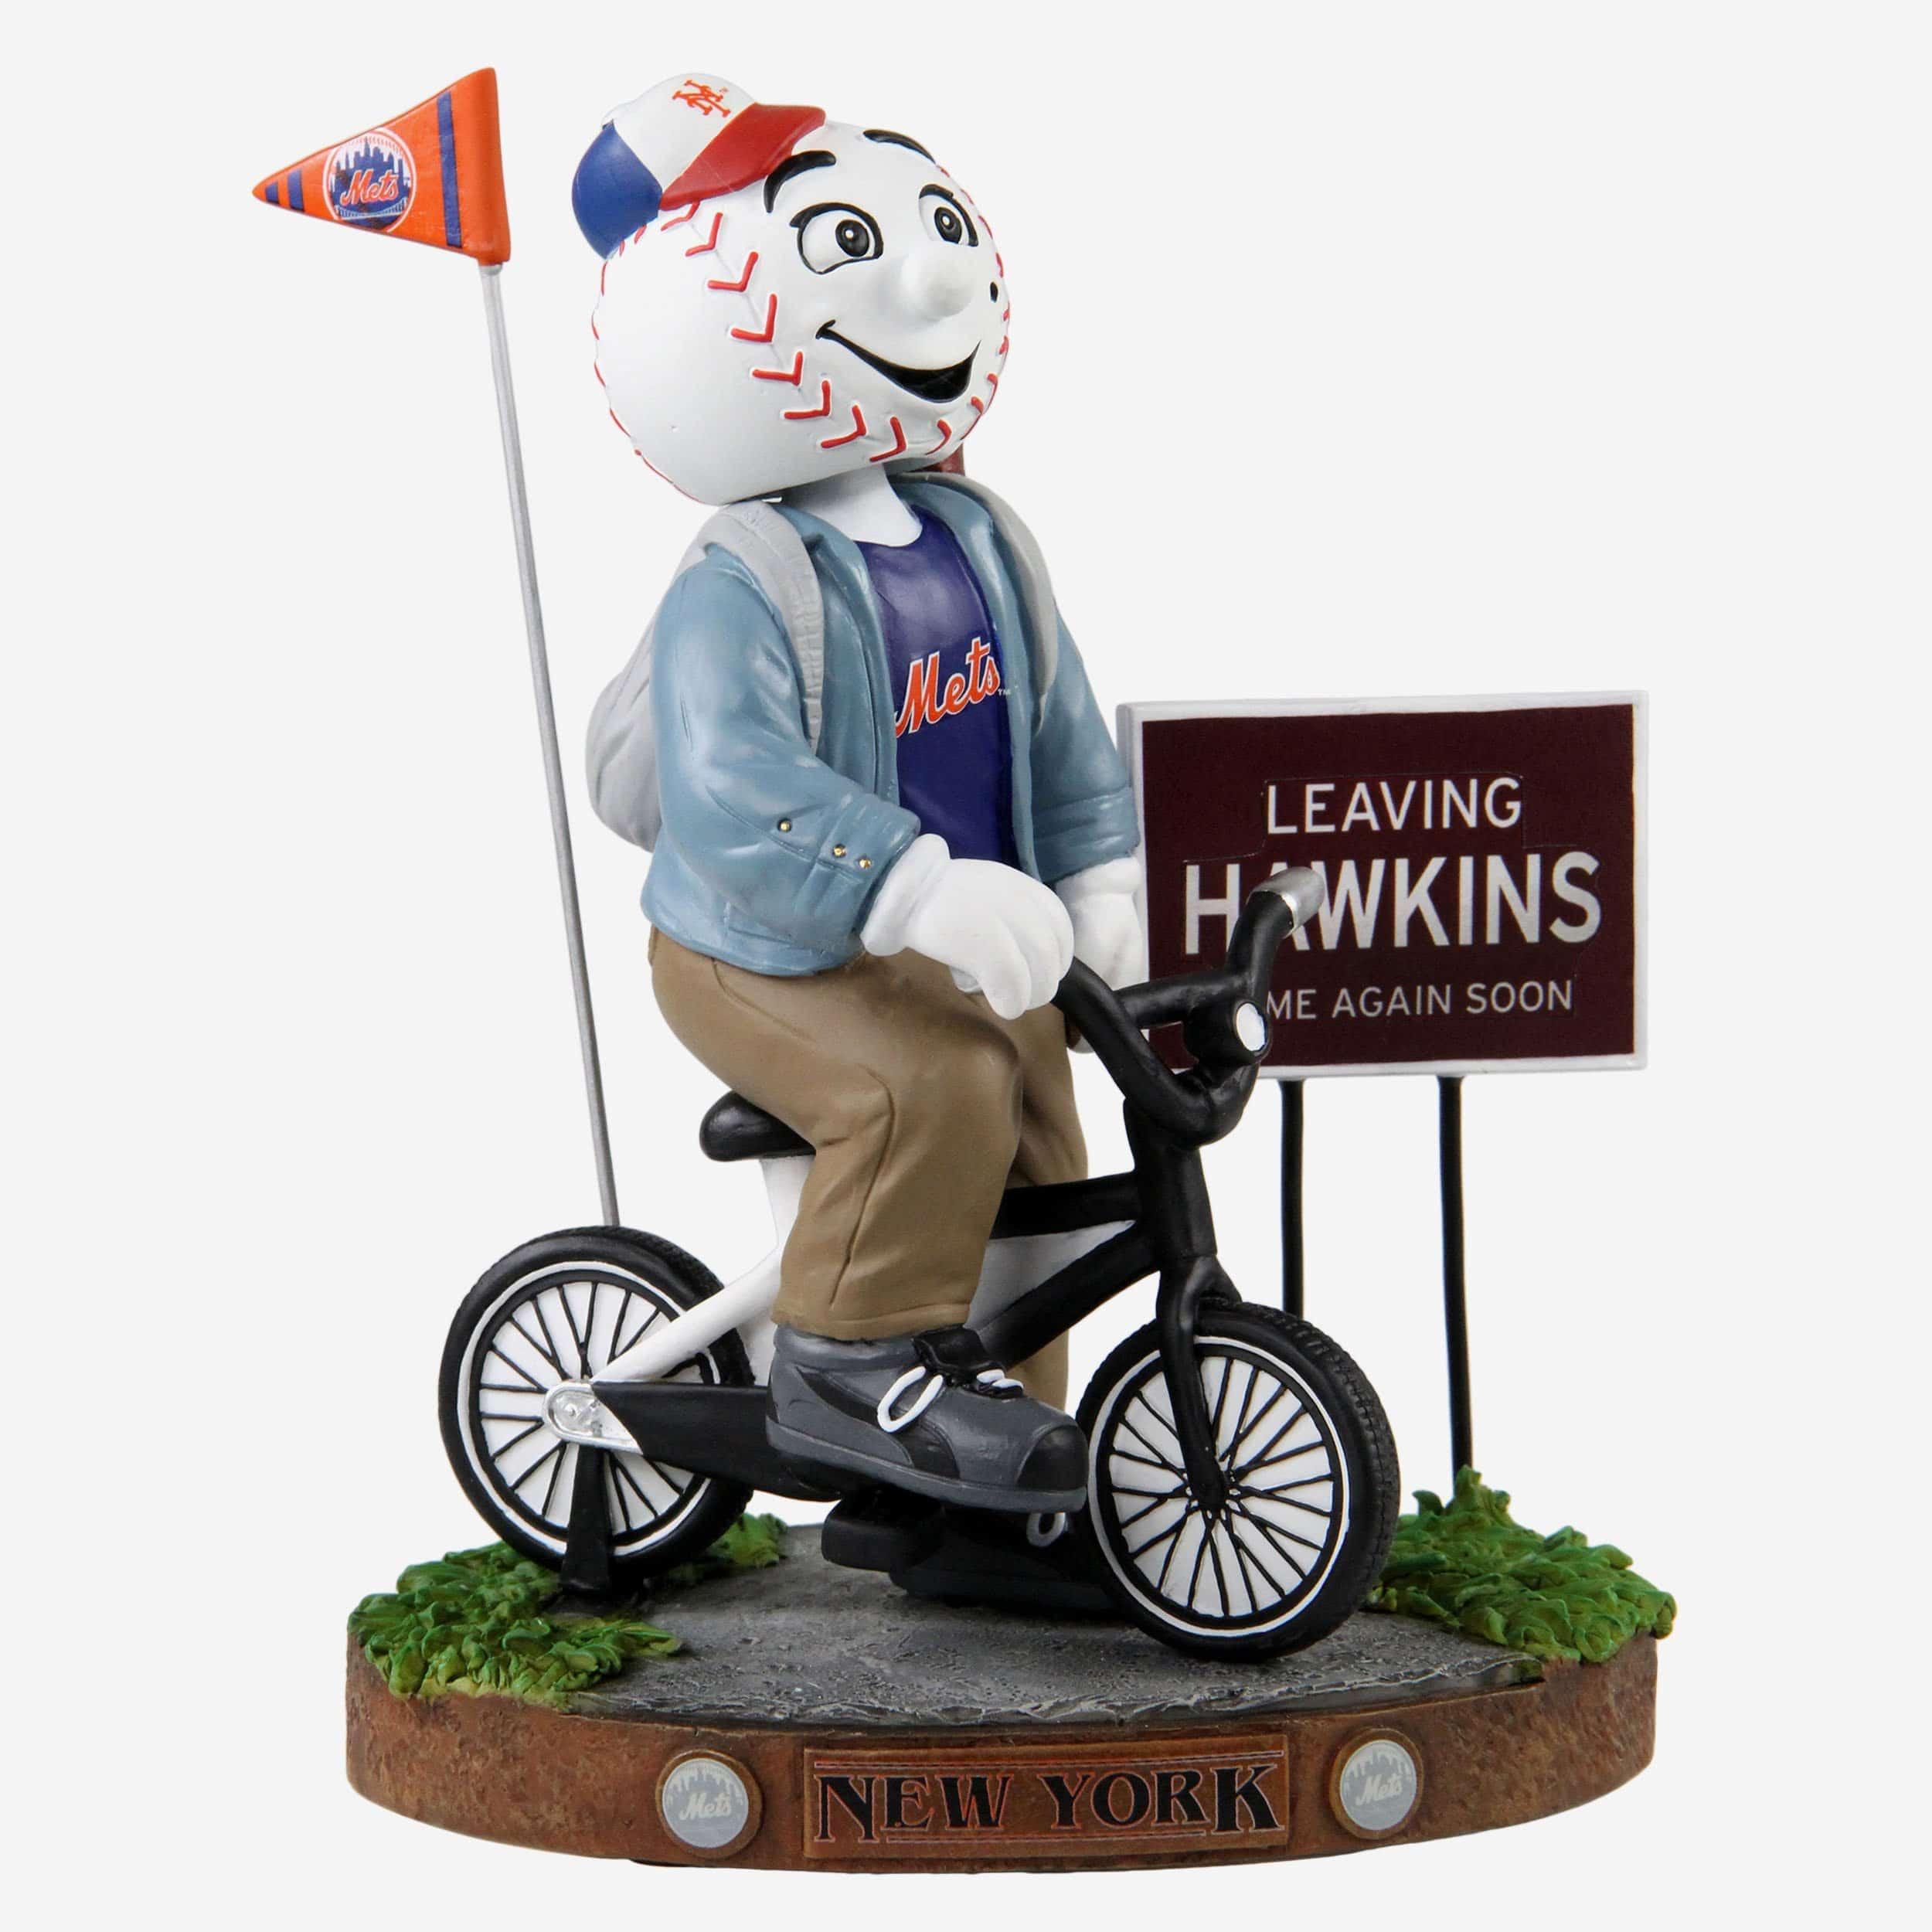 FOCO Mr Met New York Mets Stranger Things Mascot On Bike Bobblehead